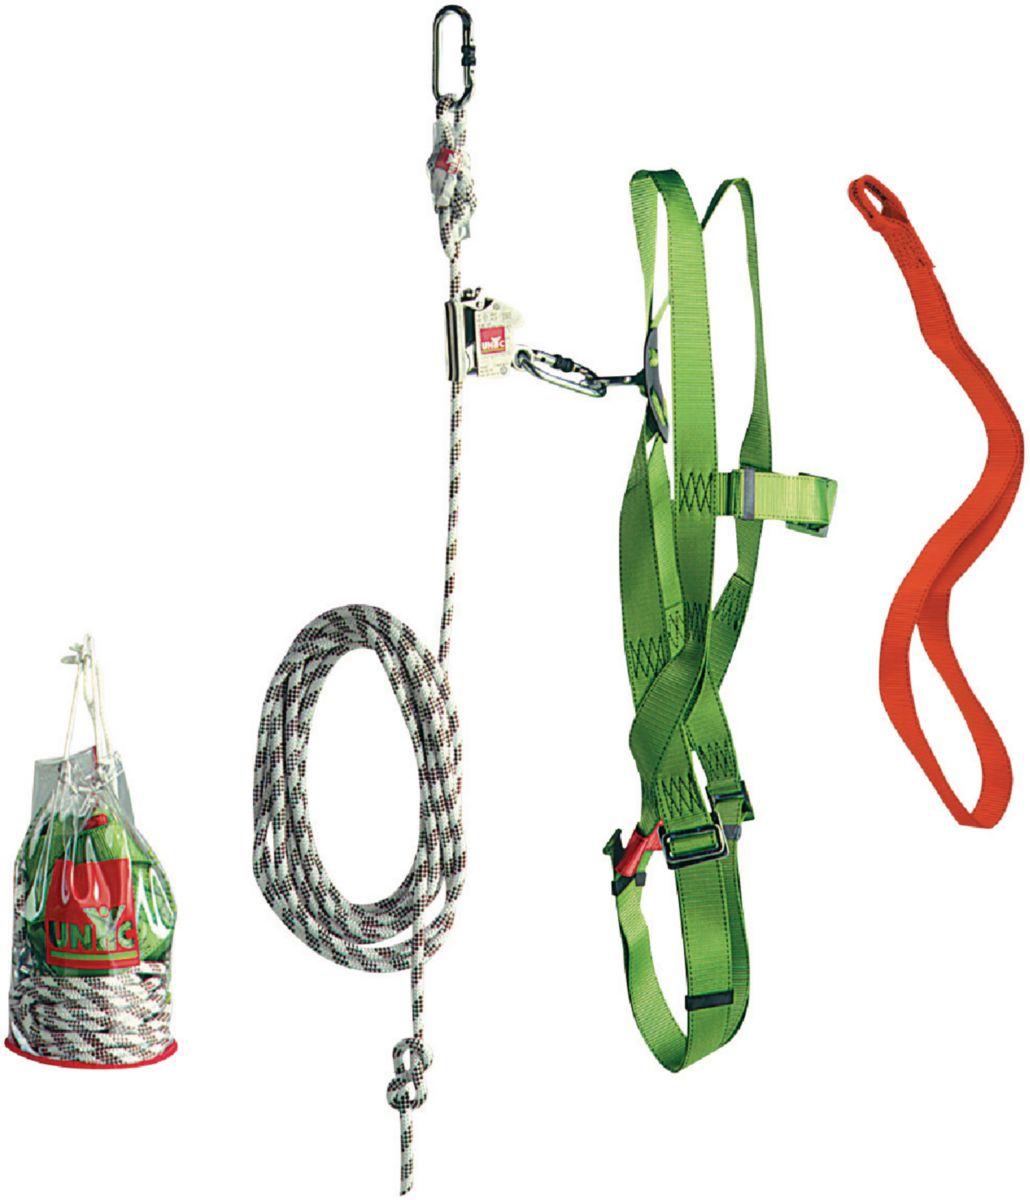 Kit de sécurité façade 1 sangle 1m + 1 harnais + 2 mousquetons + 1corde 10m + 1 antichute + 1 sac QSFEPI01/09